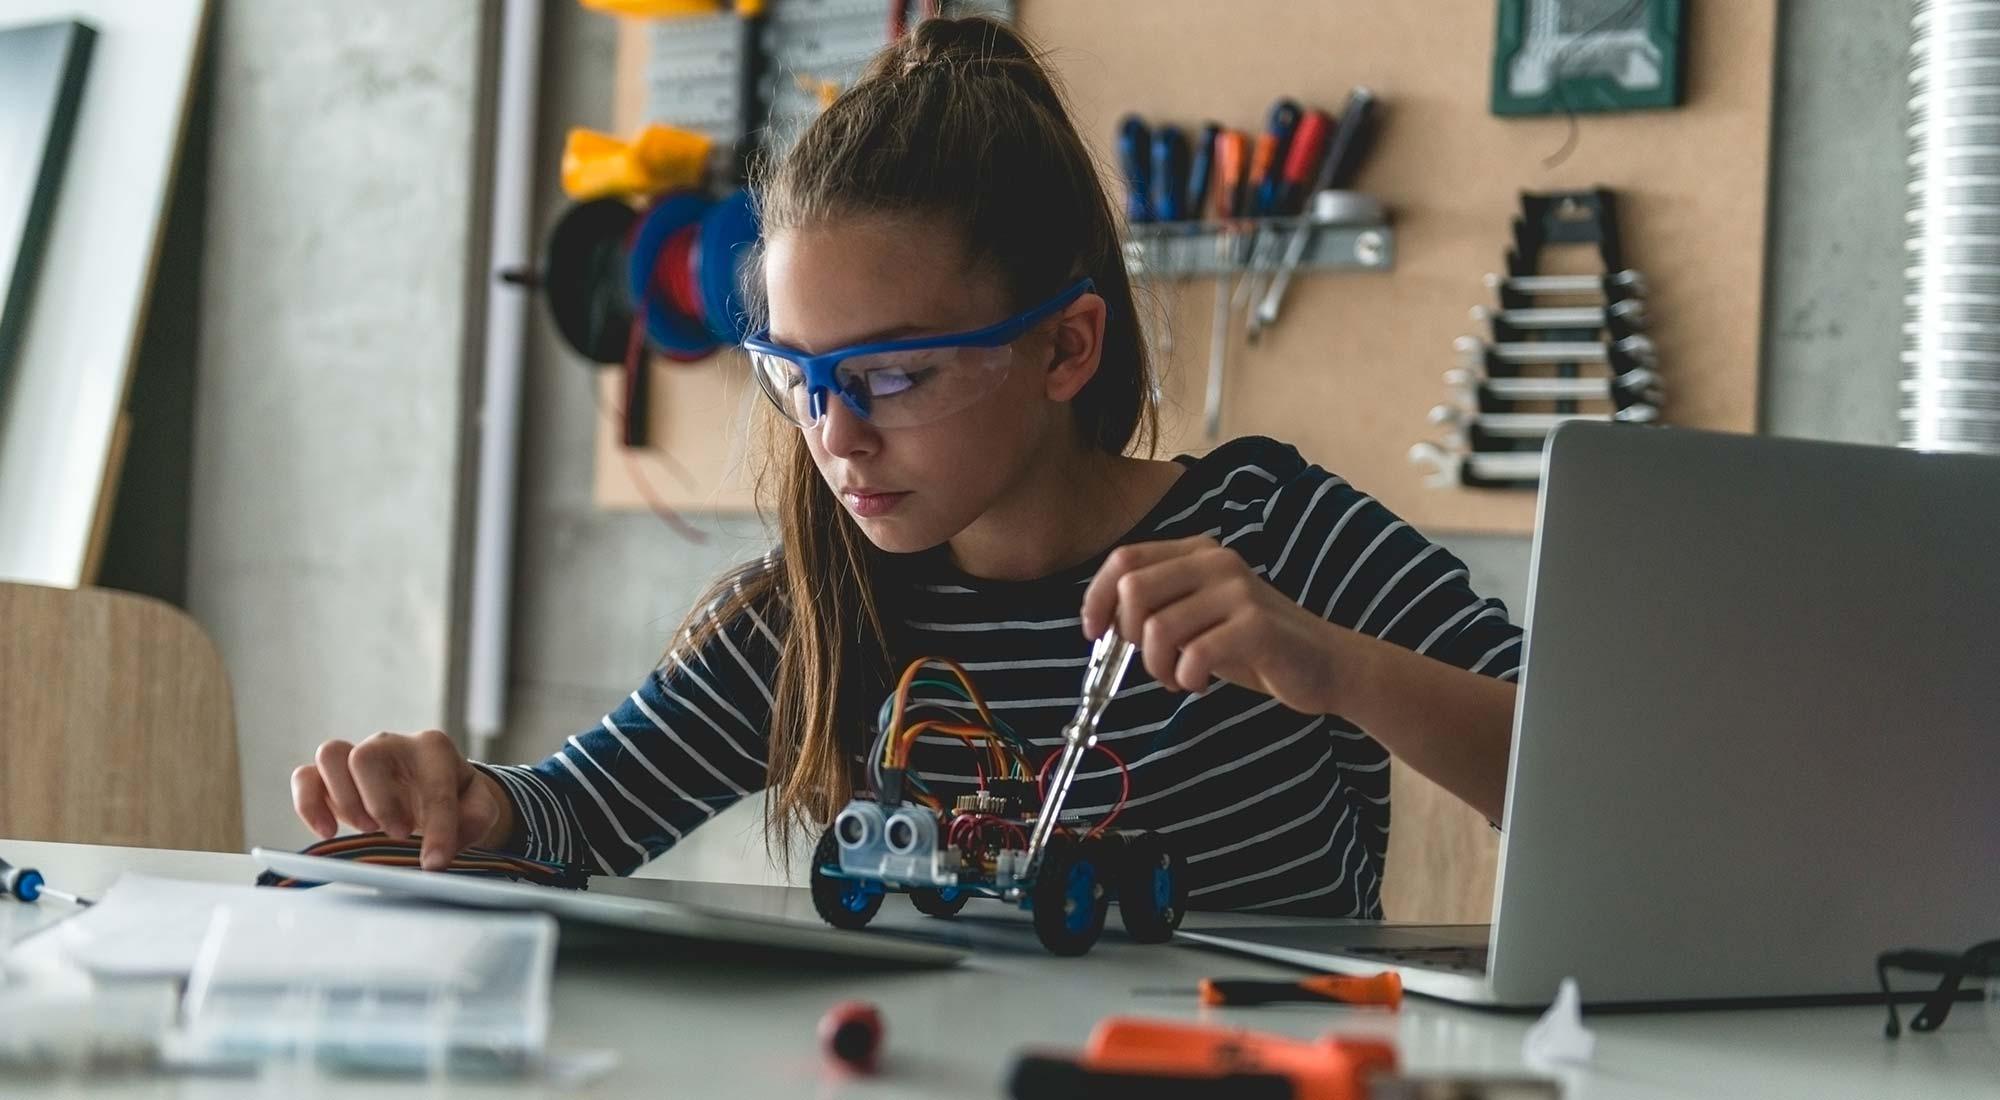 Comment améliorer l'apprentissage des STEM en FWB ?